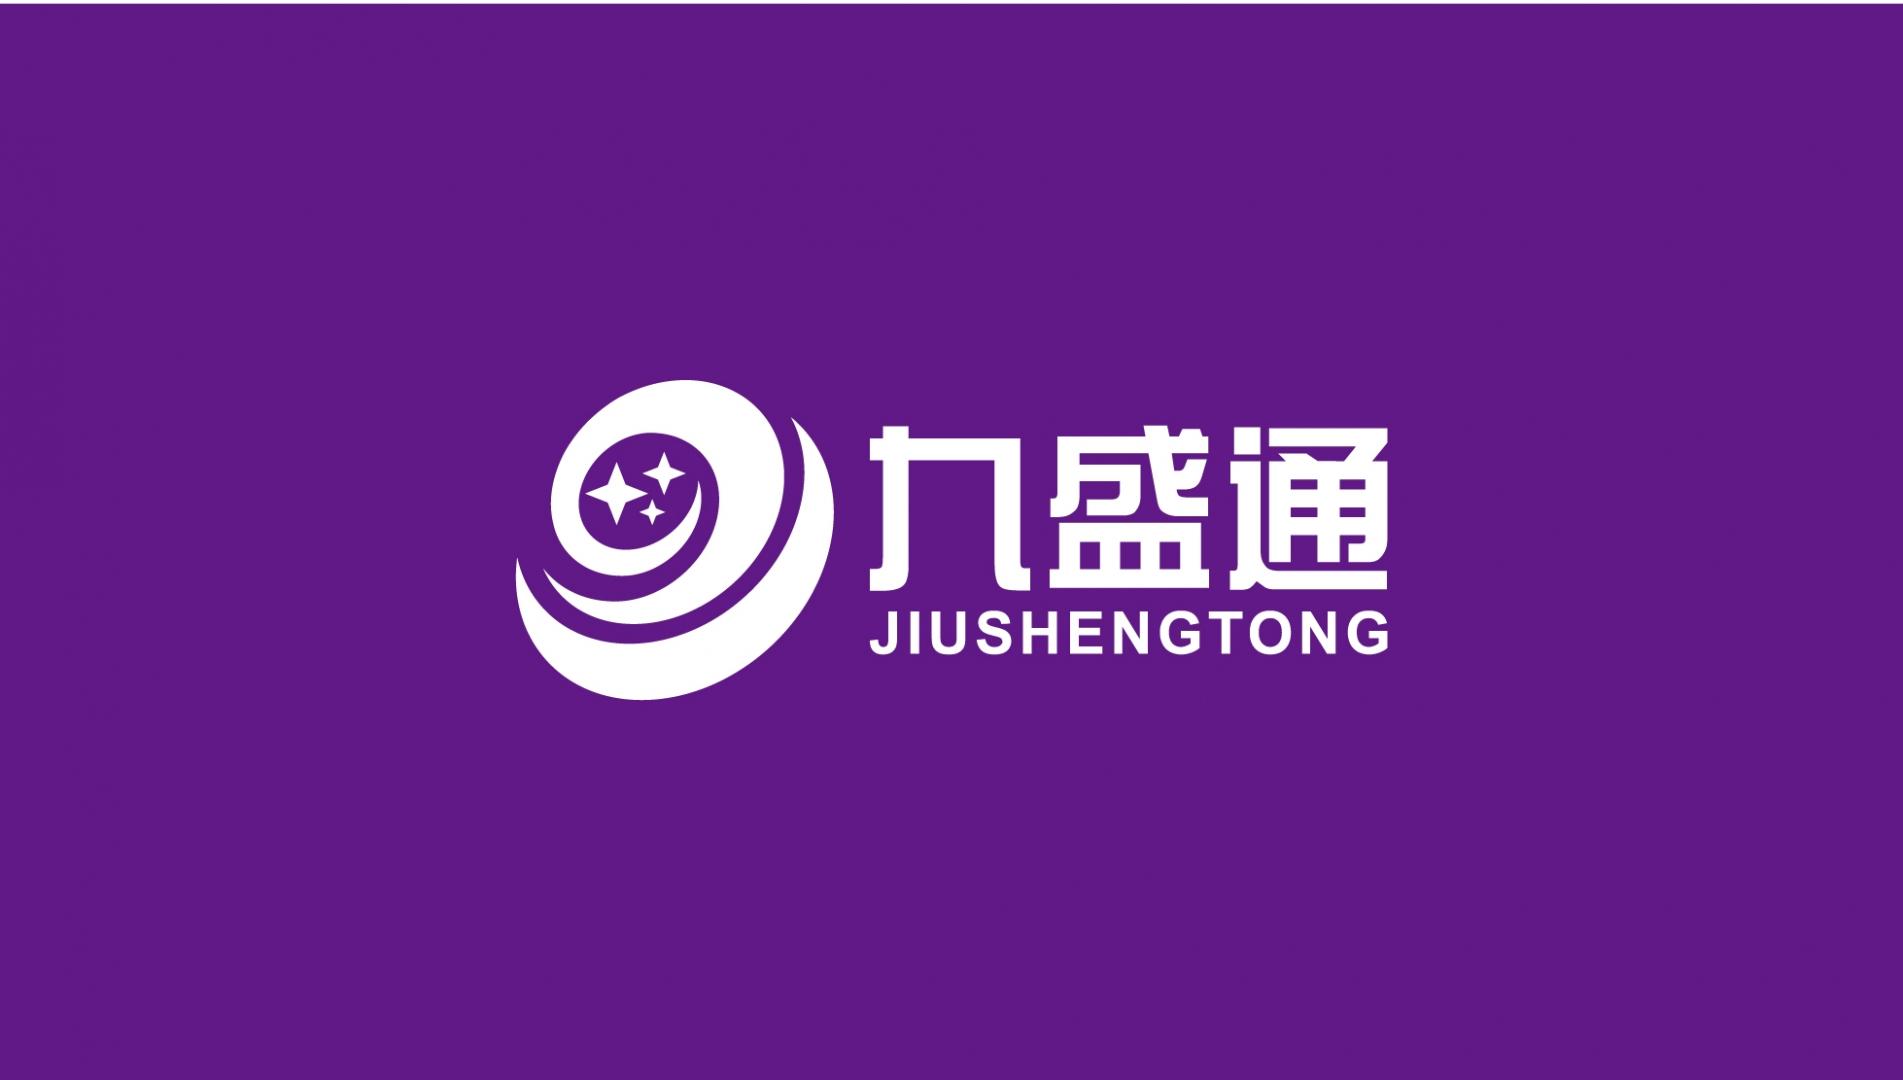 吉林省九盛通供应链管理有限公司